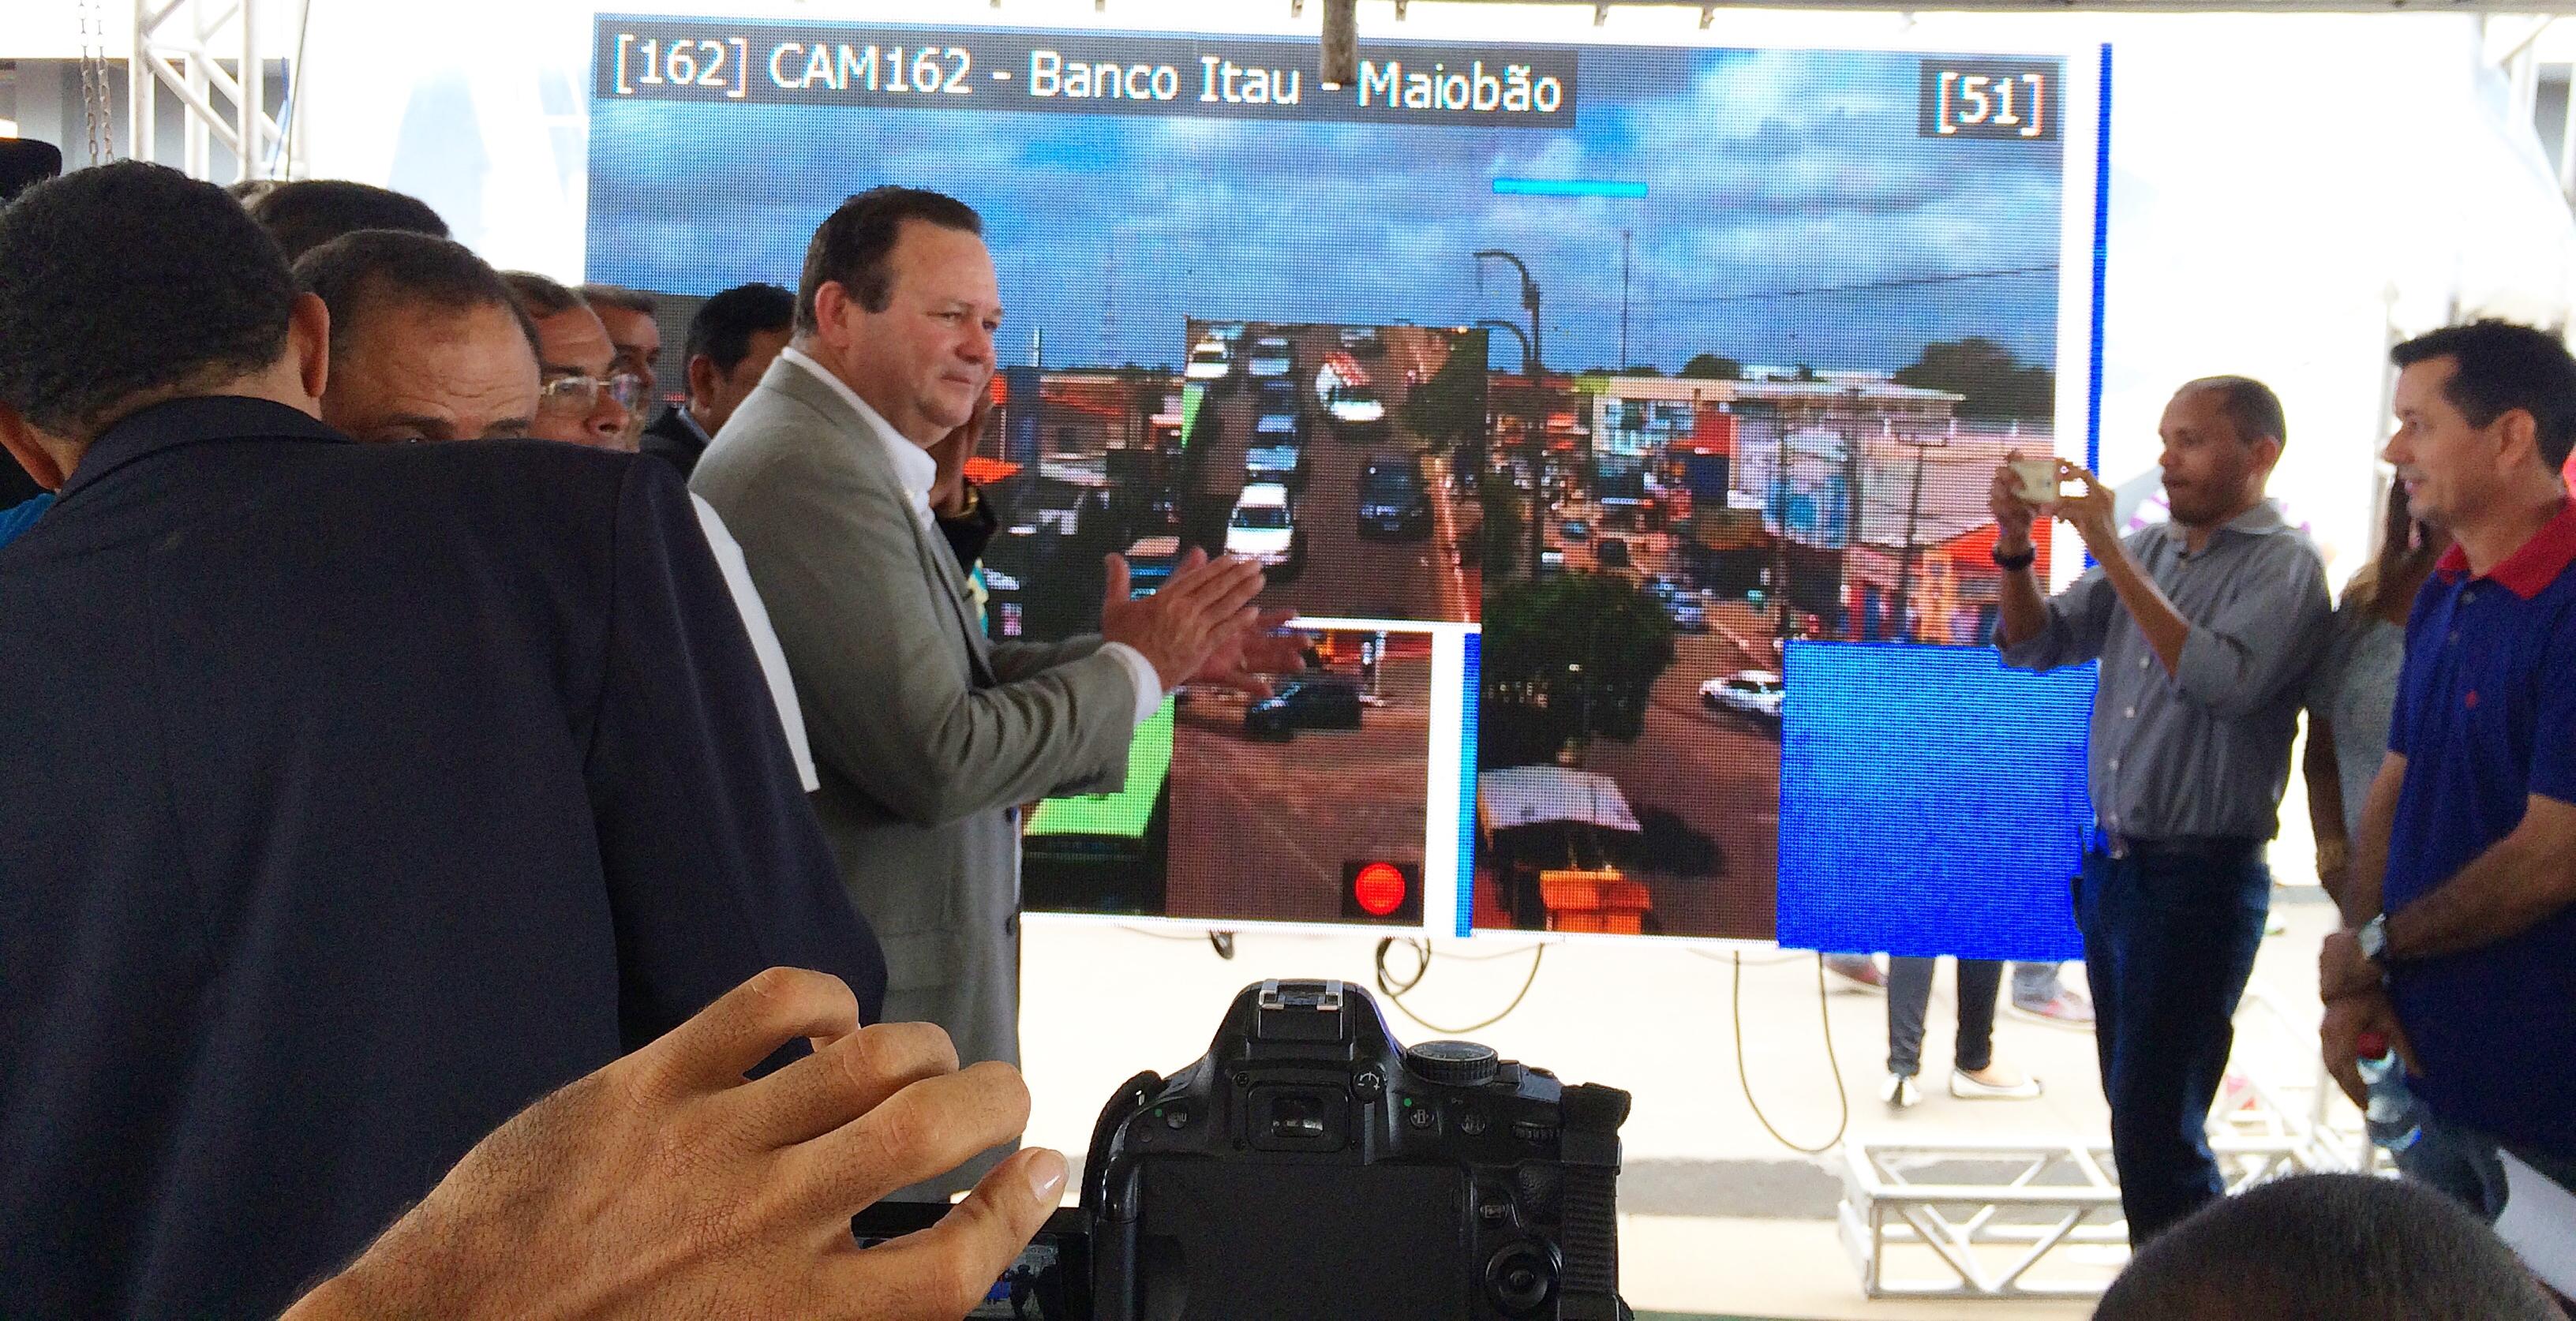 SPP inaugura Câmeras de Vigilância em Paço do Lumiar